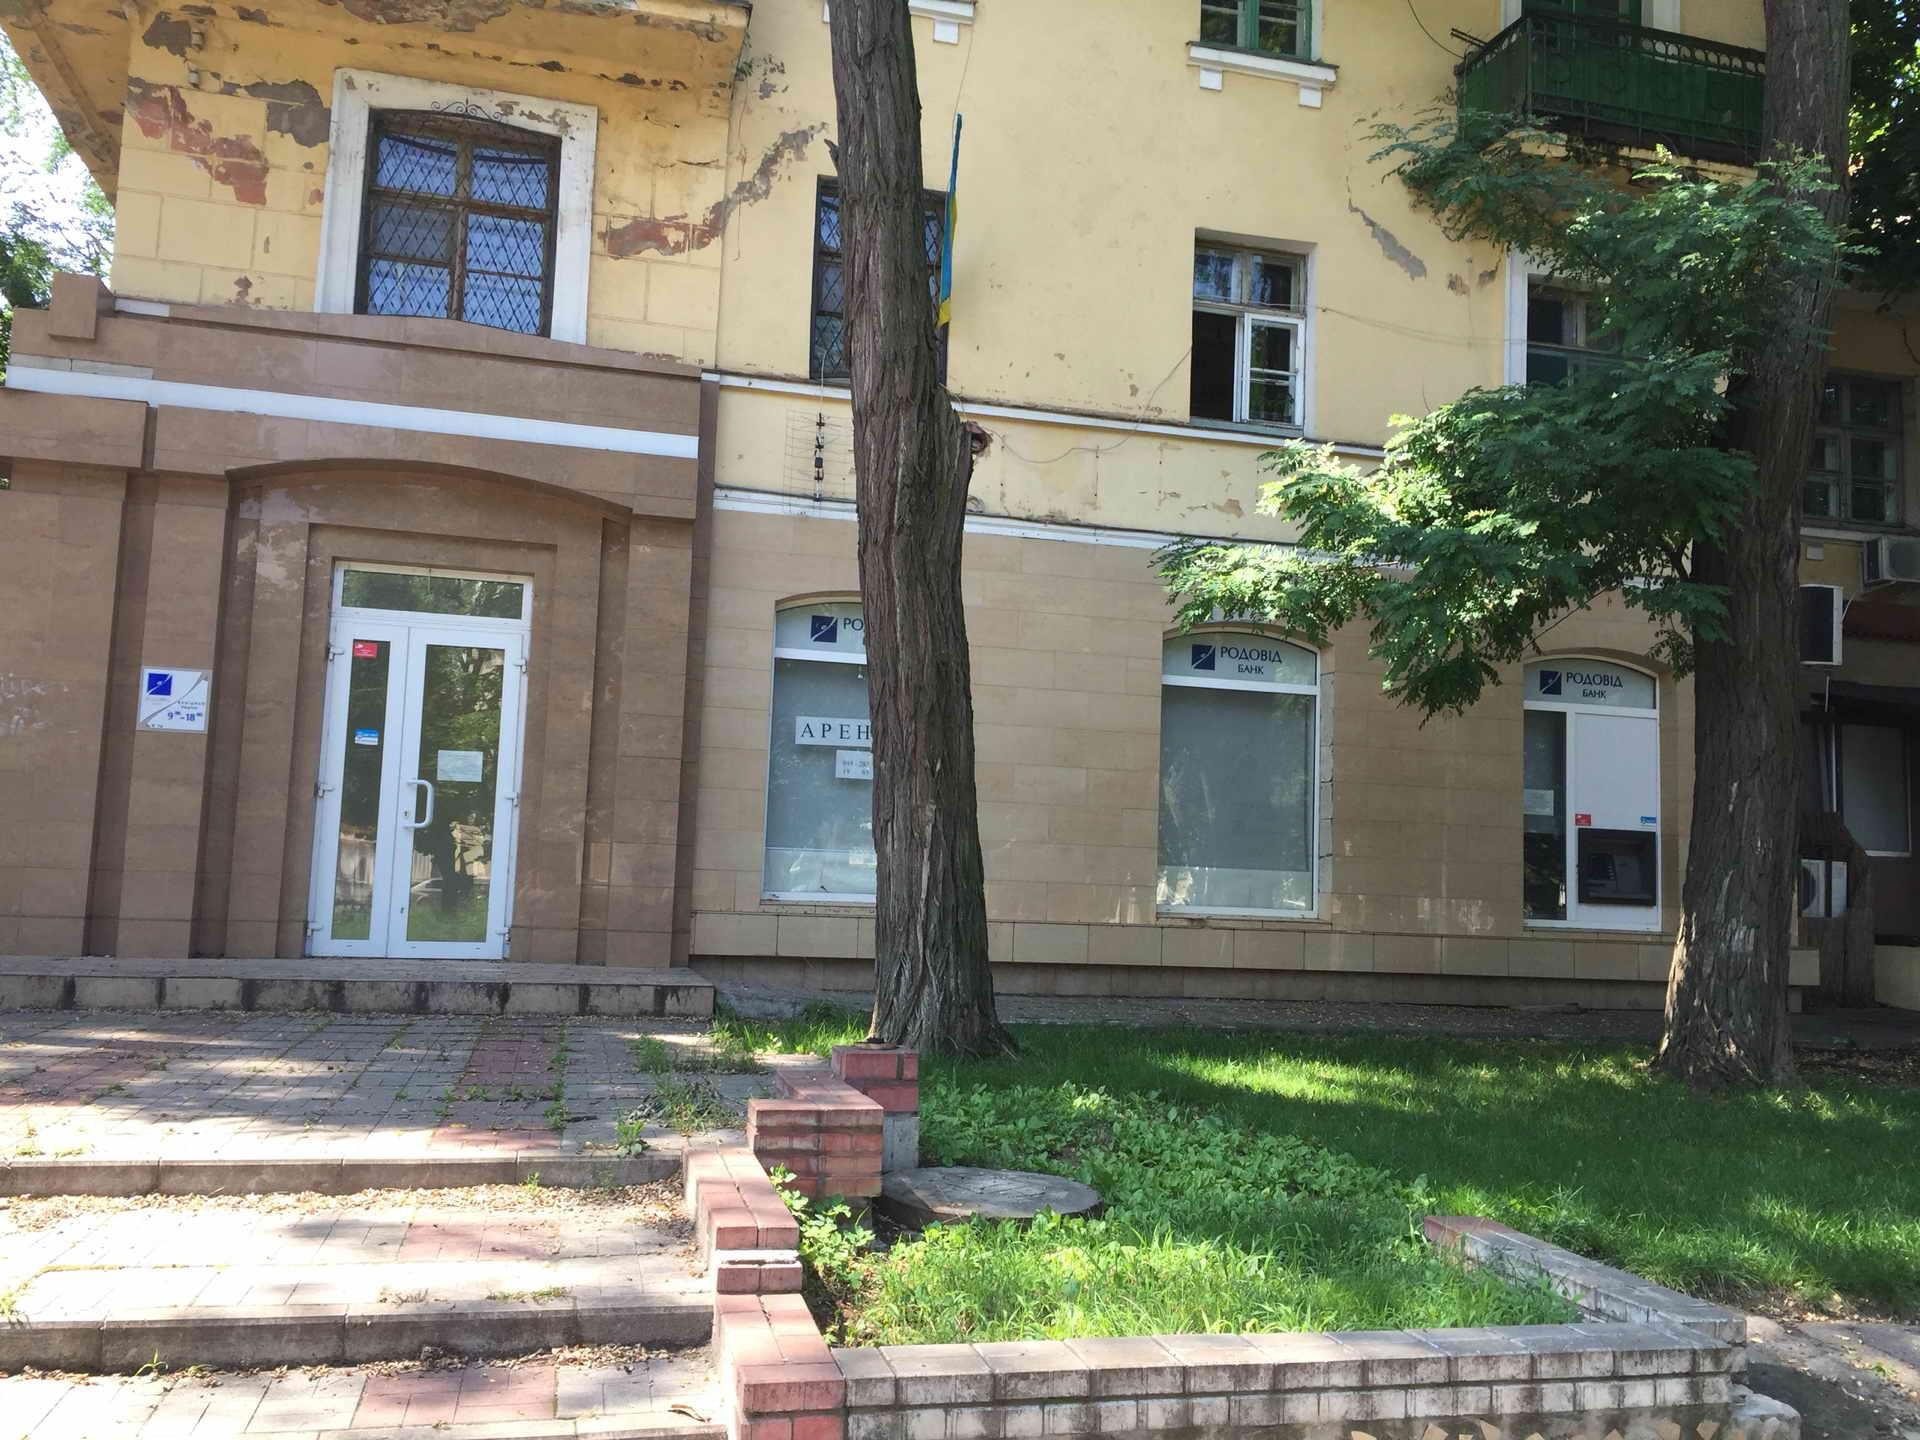 Нежитлове приміщення загальною площею 141,7 кв.м., що розташоване за адресою: Дніпропетровська область, м. Нікополь, проспект Трубників, буд. 43